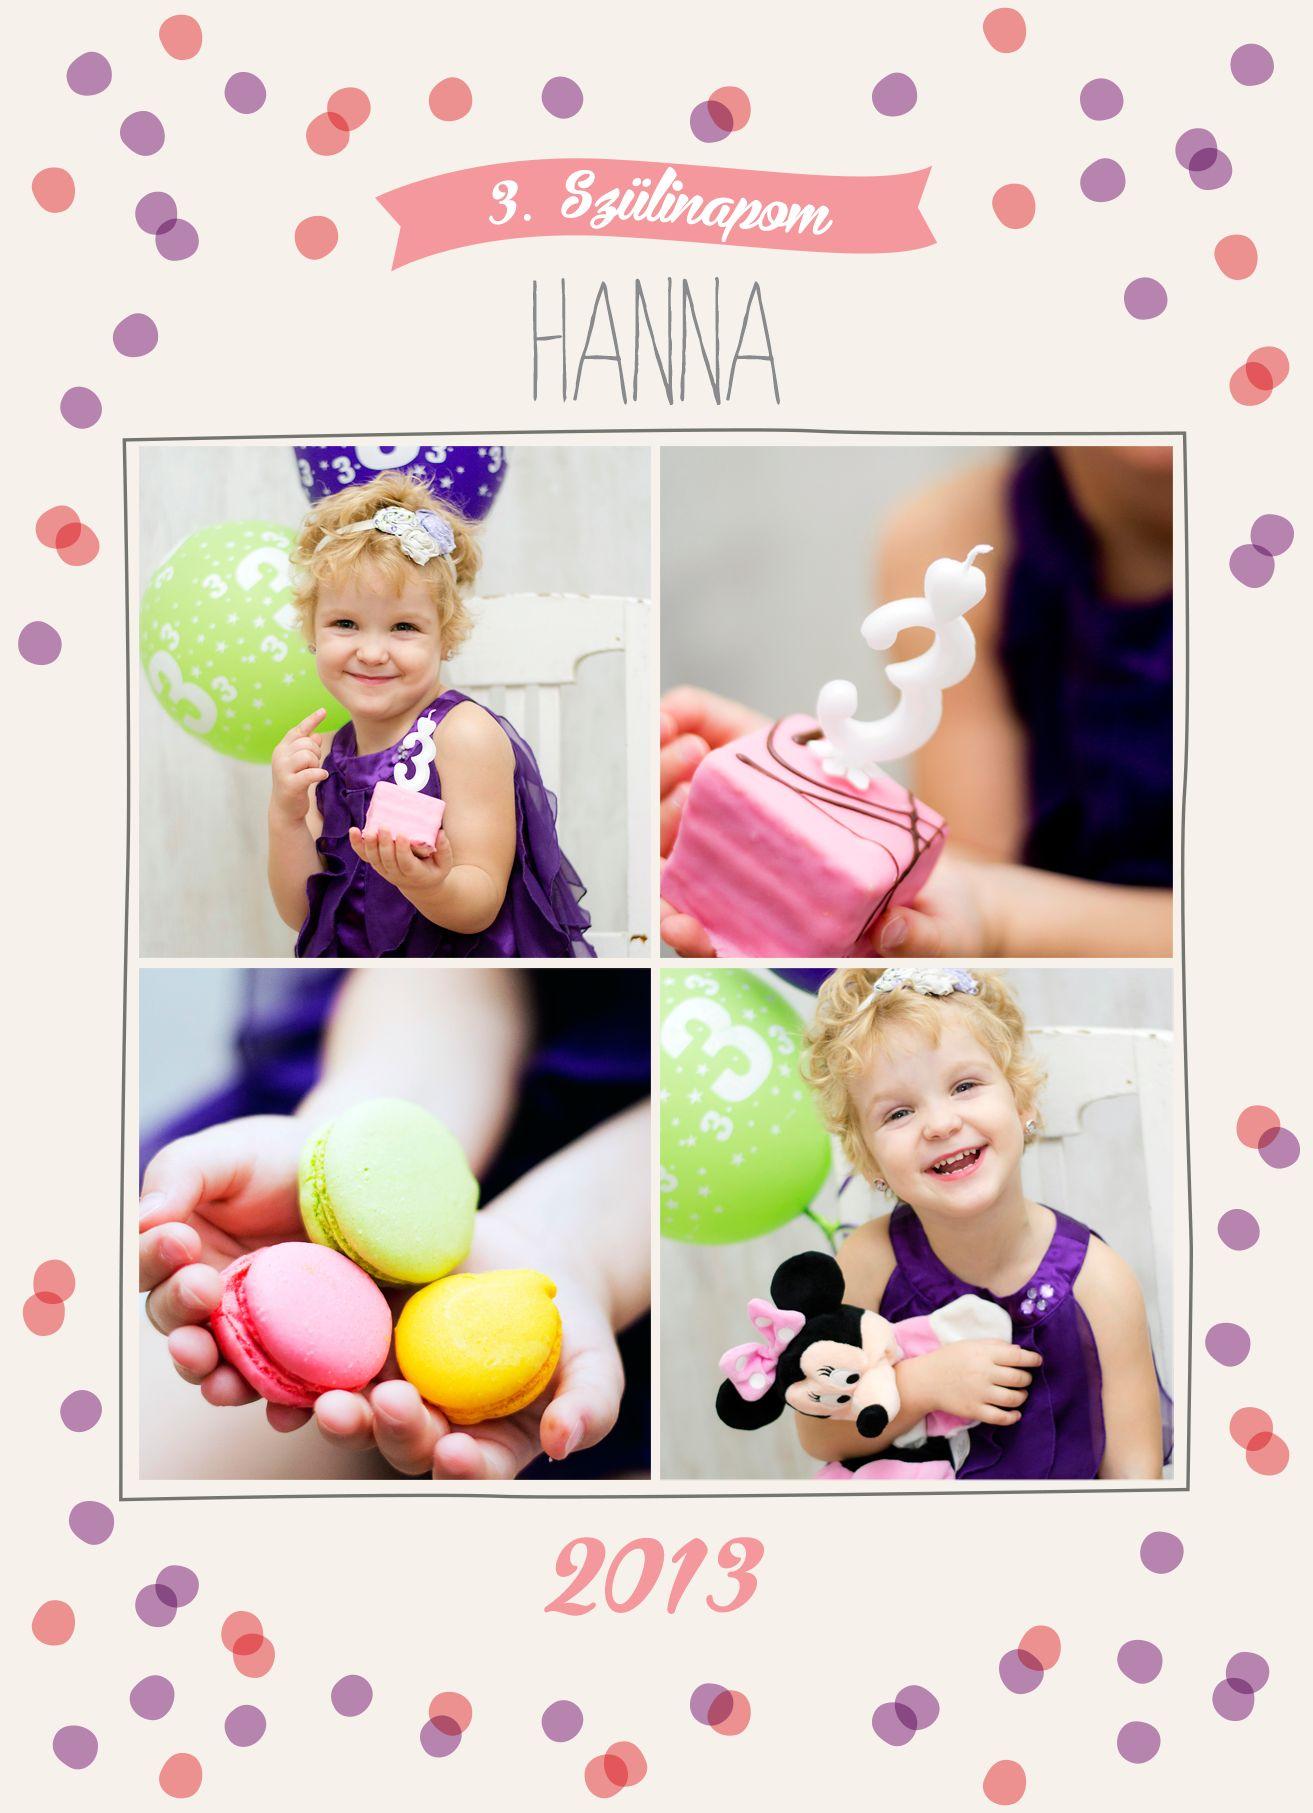 hanna_szulinapi_montazs